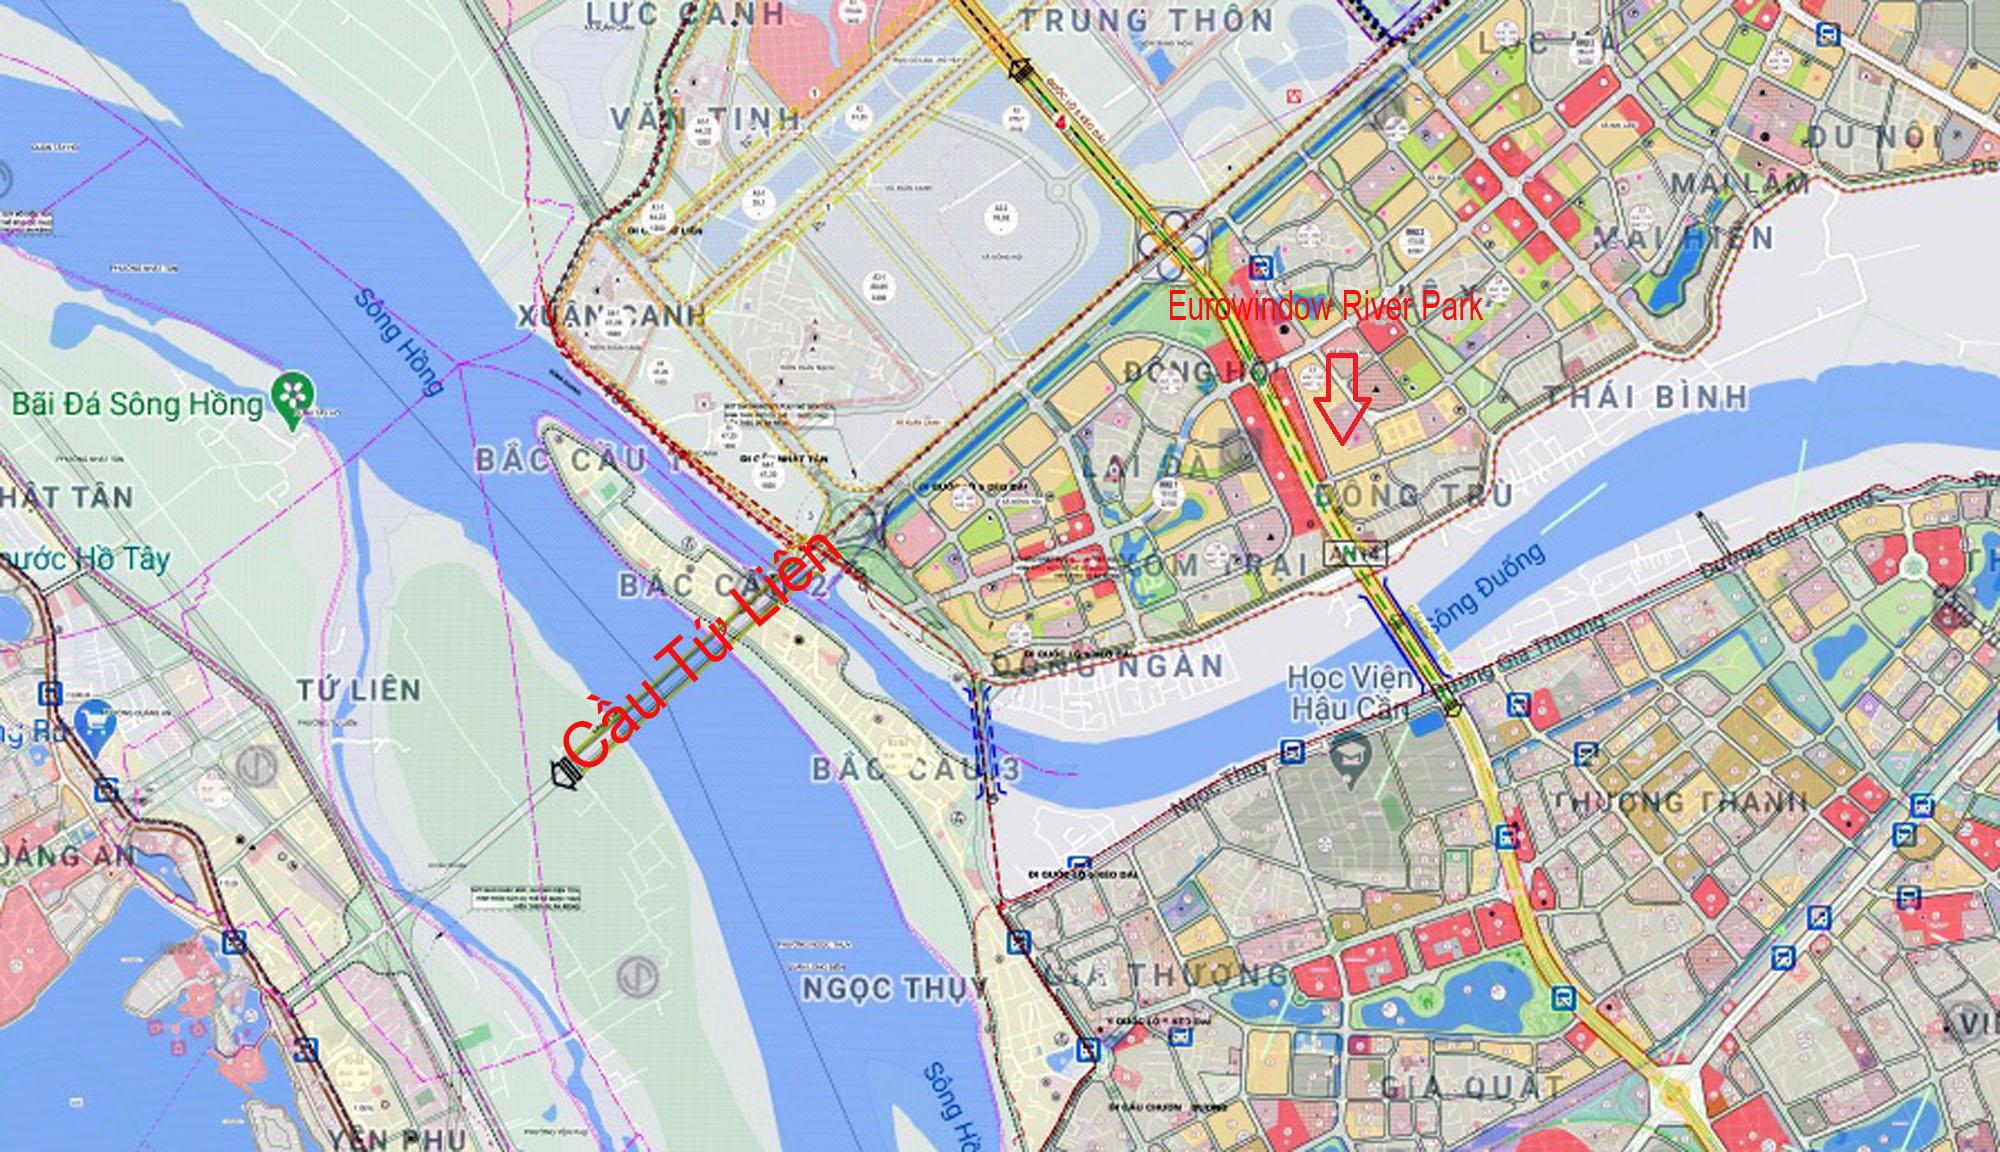 Dự án Eurowindow River Park đang mở bán: Cửa ngõ Đông Bắc Hà Nội, view hai sông lớn - Ảnh 16.